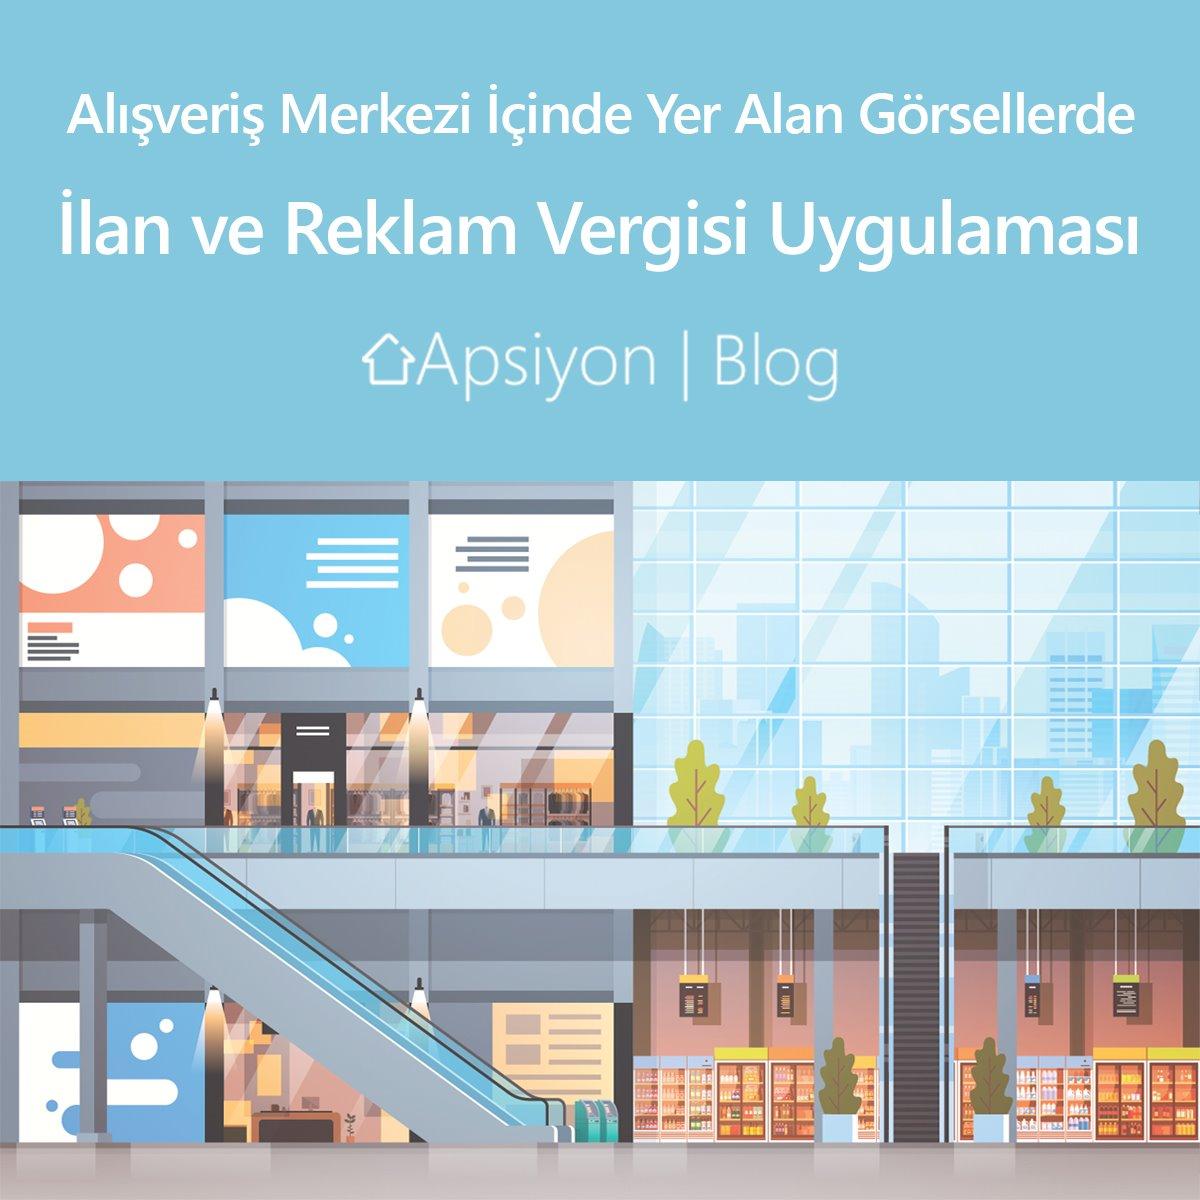 Alışveriş Merkezi İçinde Yer Alan Görsellerde İlan Ve Reklam Vergisi Uygulaması